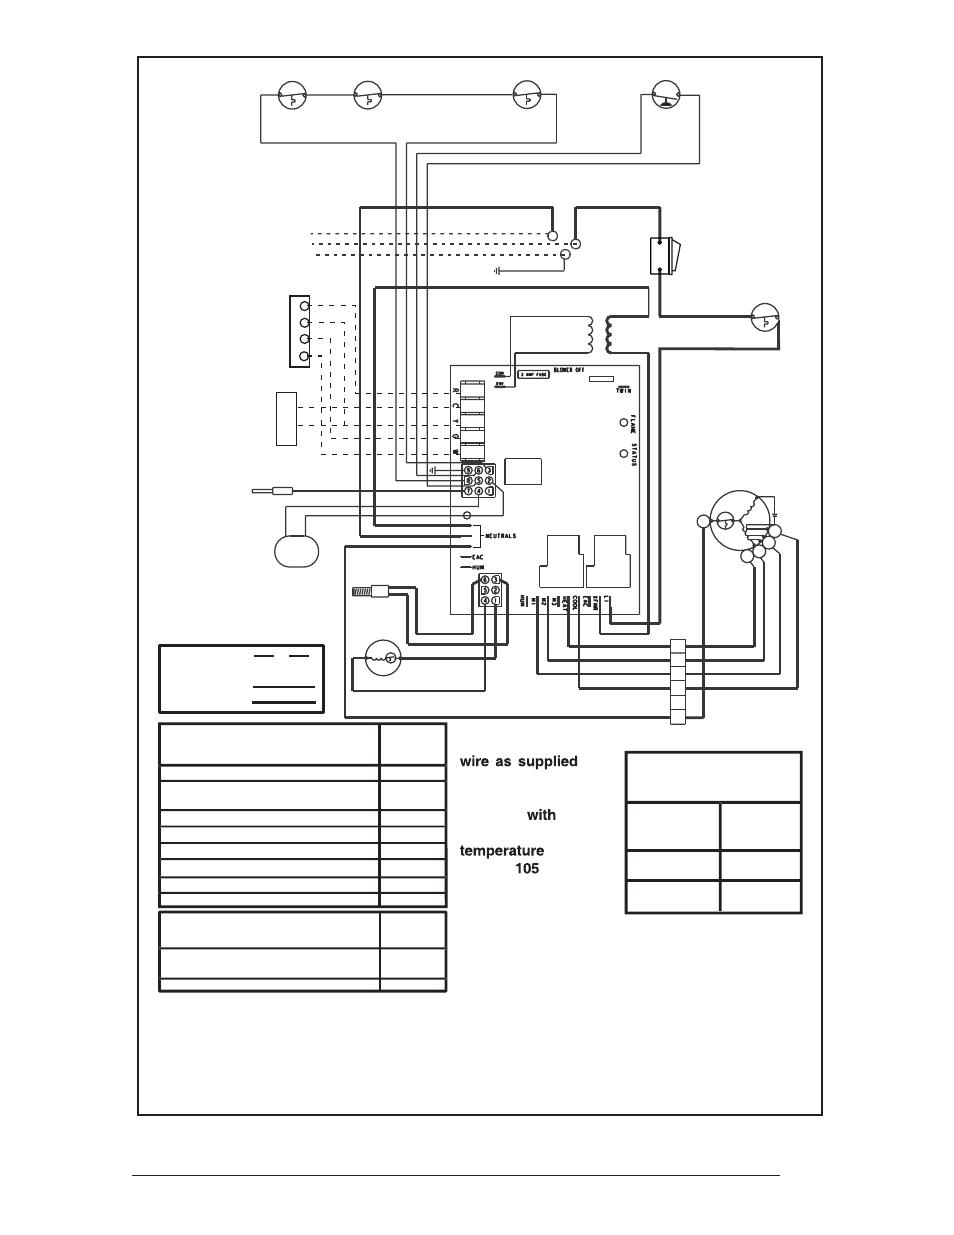 Nordyne Wiring Schematics - Schematics Online on